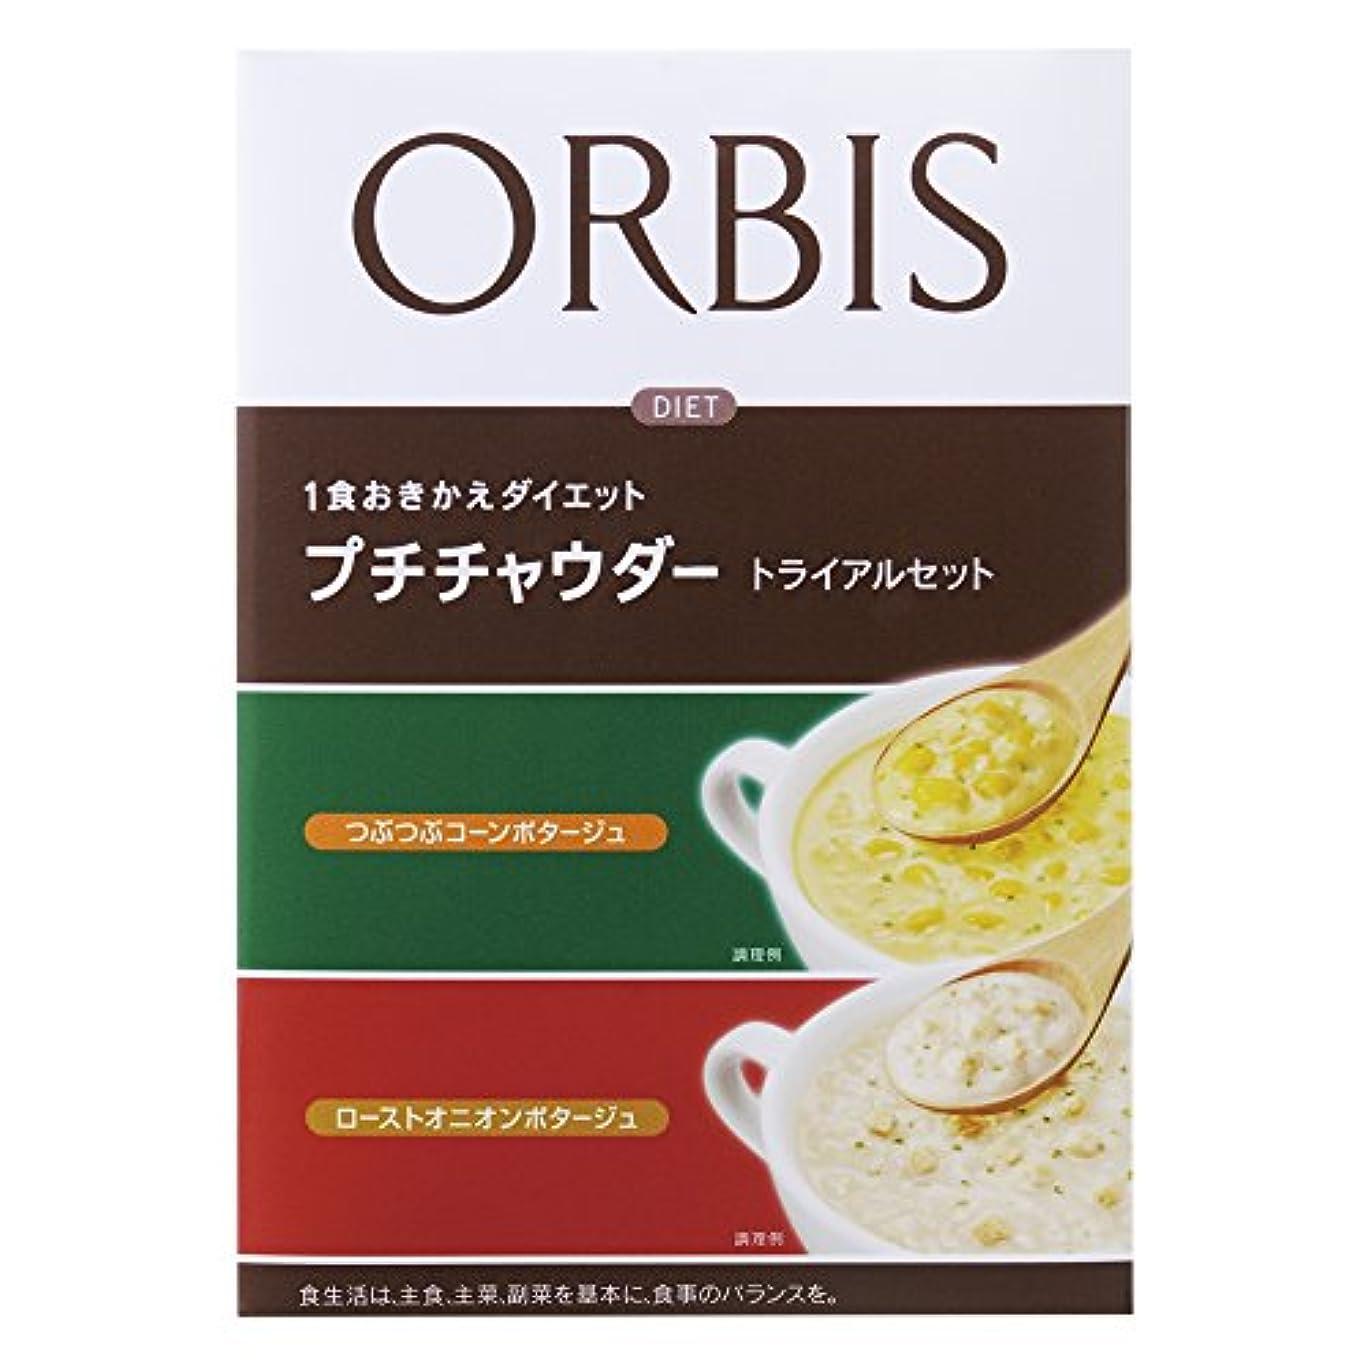 トークンアクションストラトフォードオンエイボンオルビス(ORBIS) プチチャウダー トライアルセット 2食分(各味1食) ◎ダイエットスープ◎ 1食分約123kcal